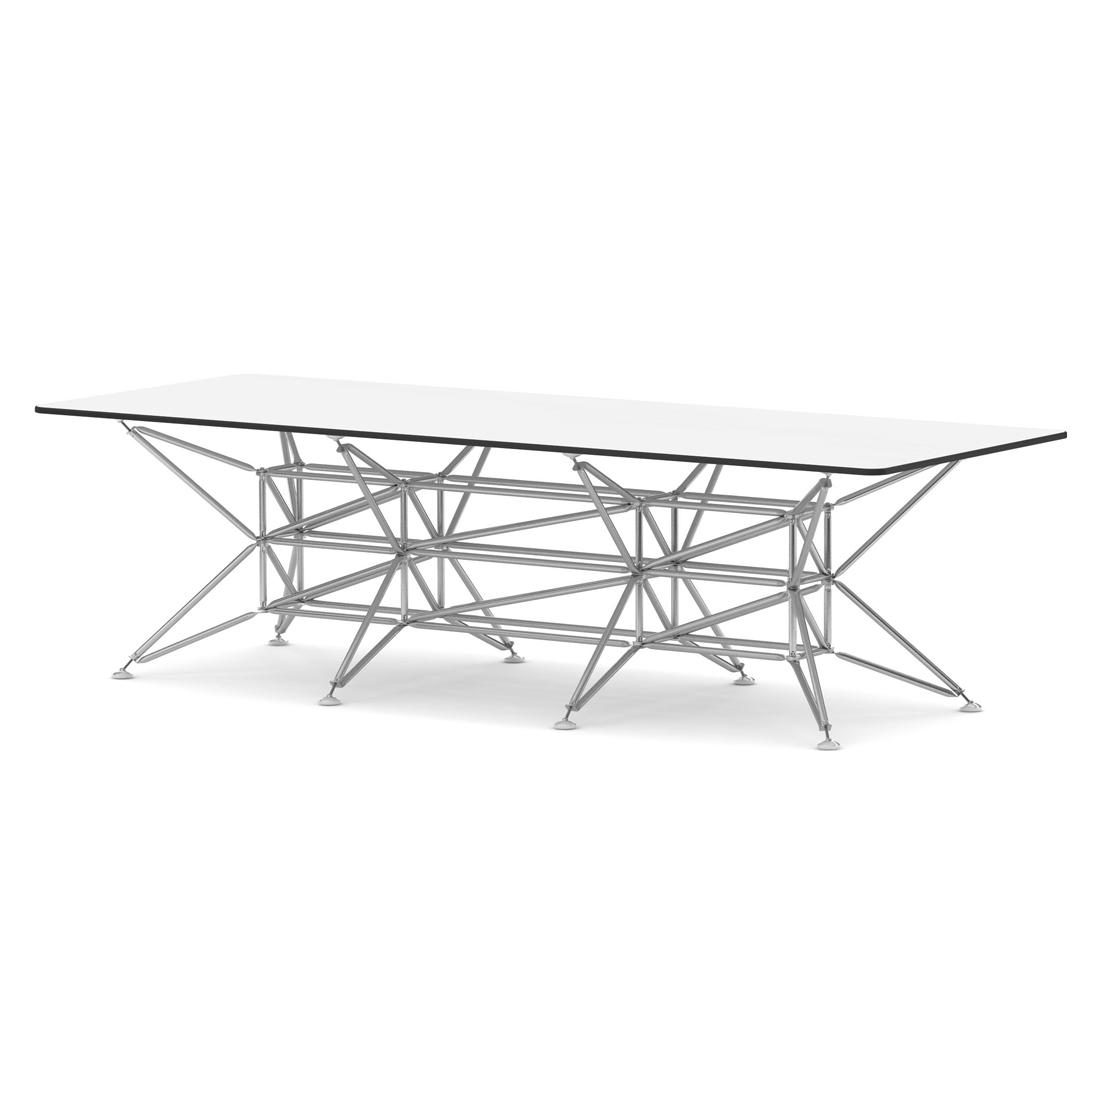 Tisch viereckig wei lunar system 180 i design deli for Design thinking tisch